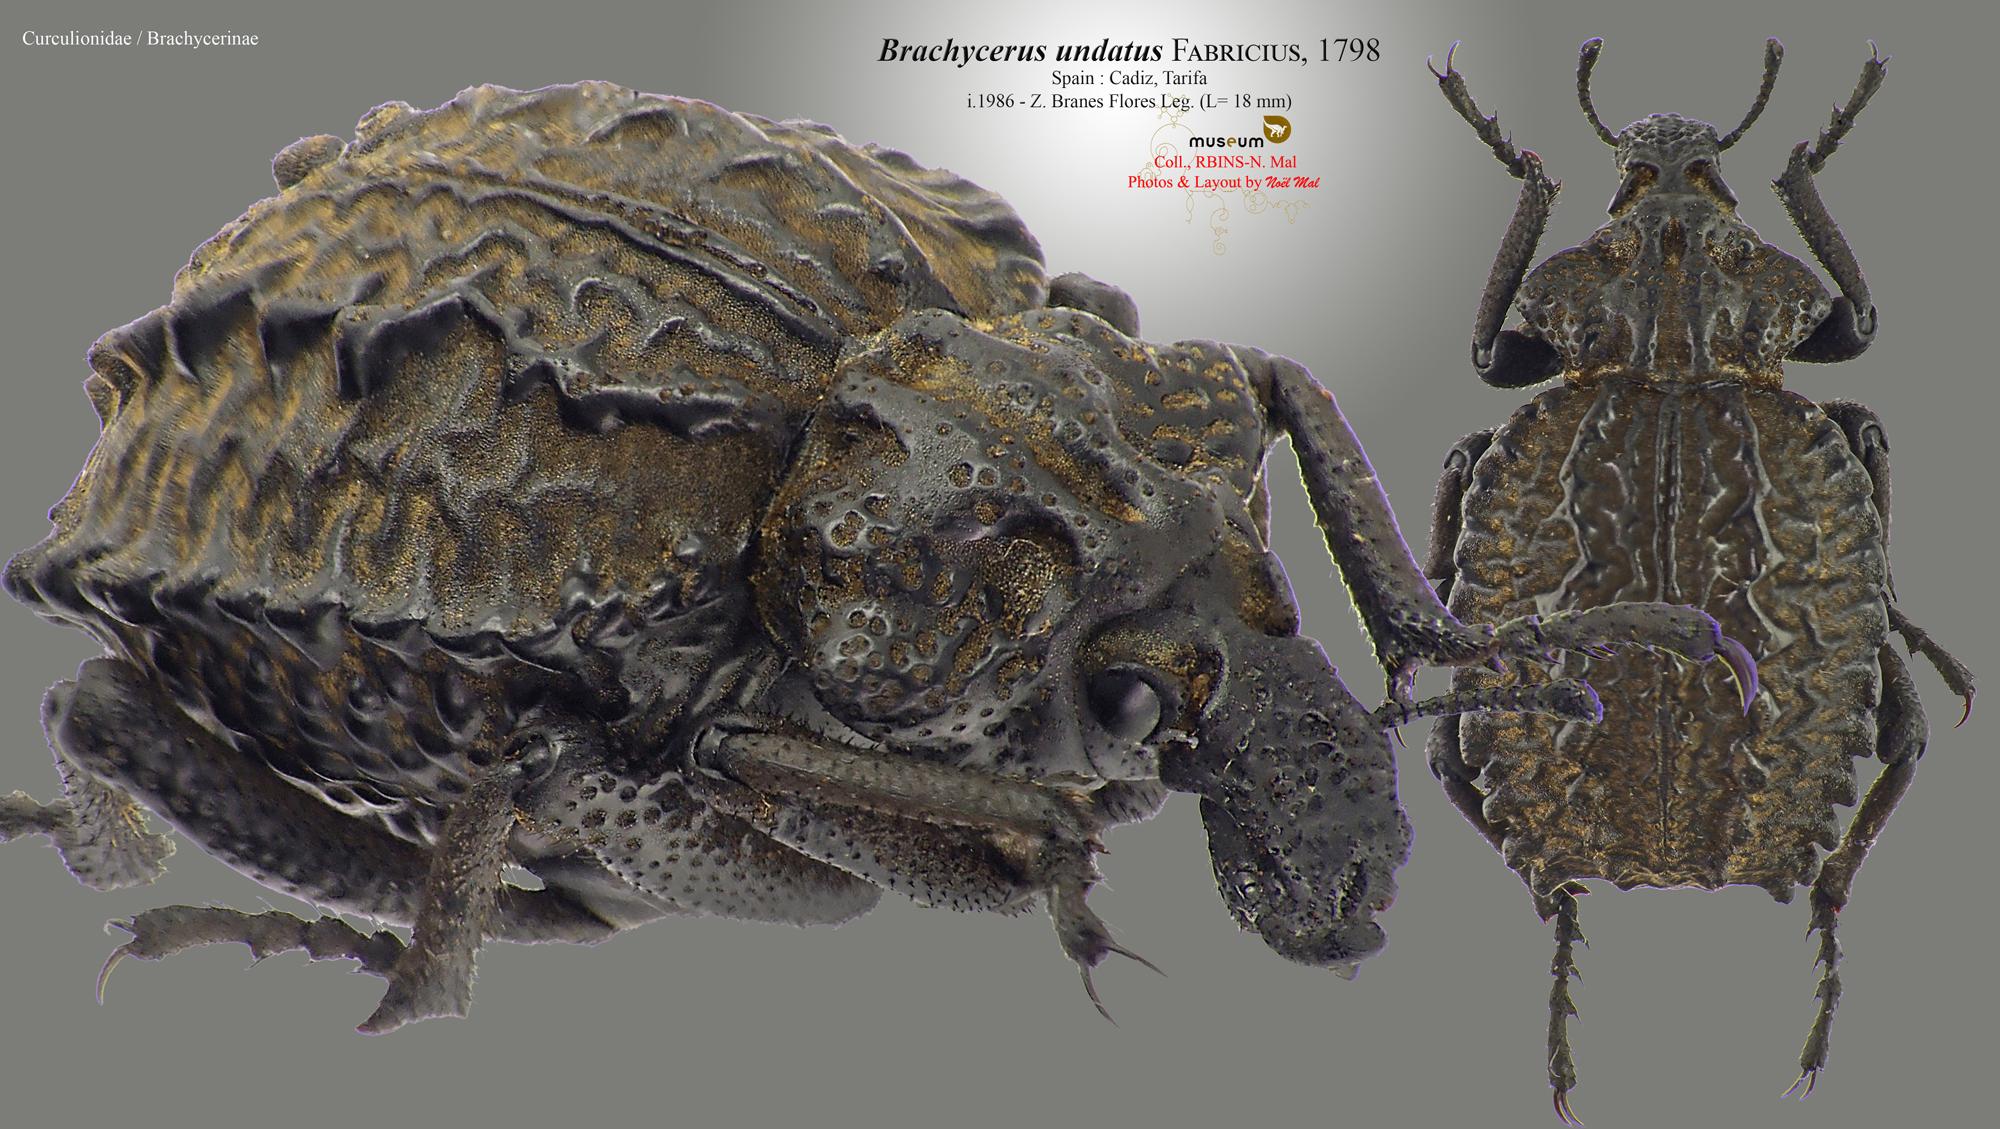 Brachycerus undatus.jpg